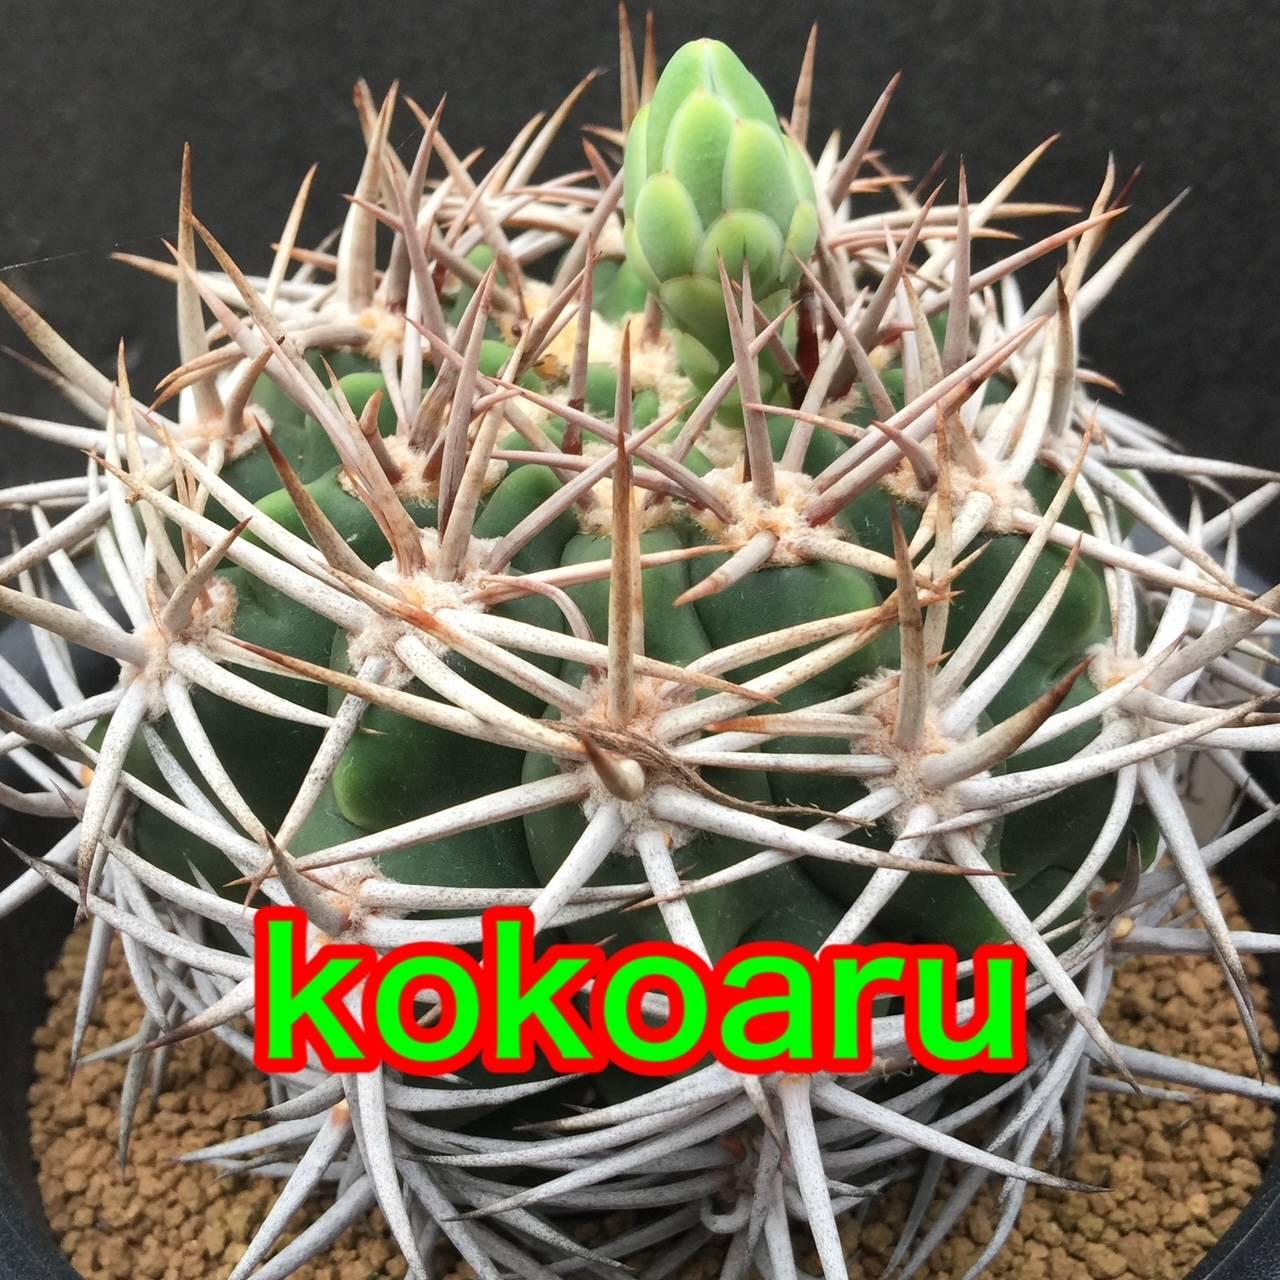 kokoaru